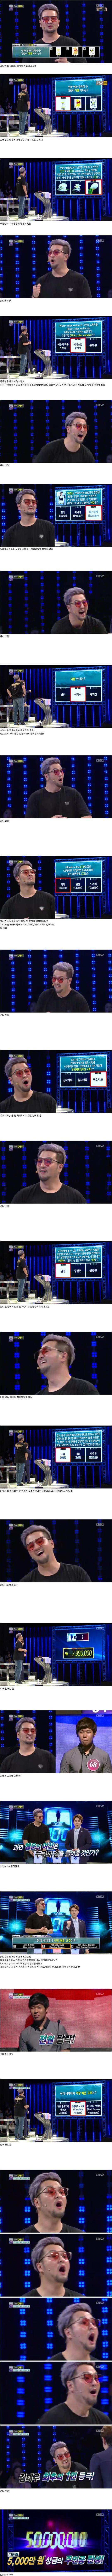 봐도봐도 놀라운 김태우 1대100 우승과정 .jpg